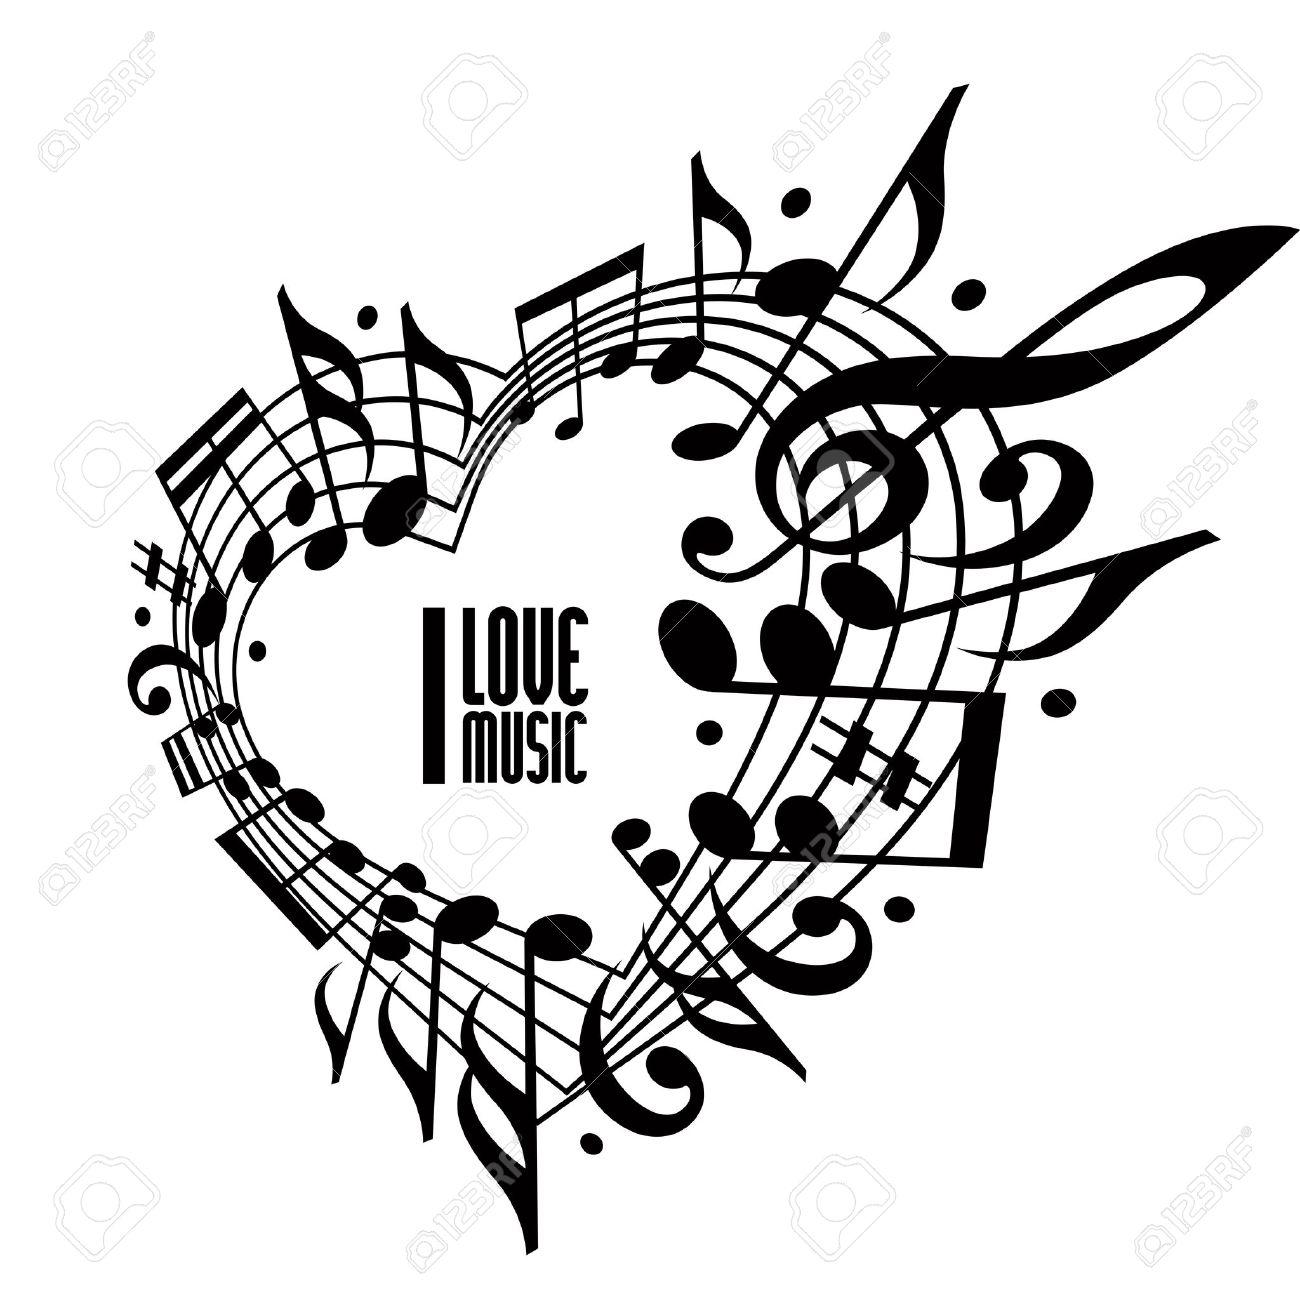 Ideal Ich Liebe Musik-Konzept, Schwarz-weiße Design. Herz Mit Noten Und  WF07